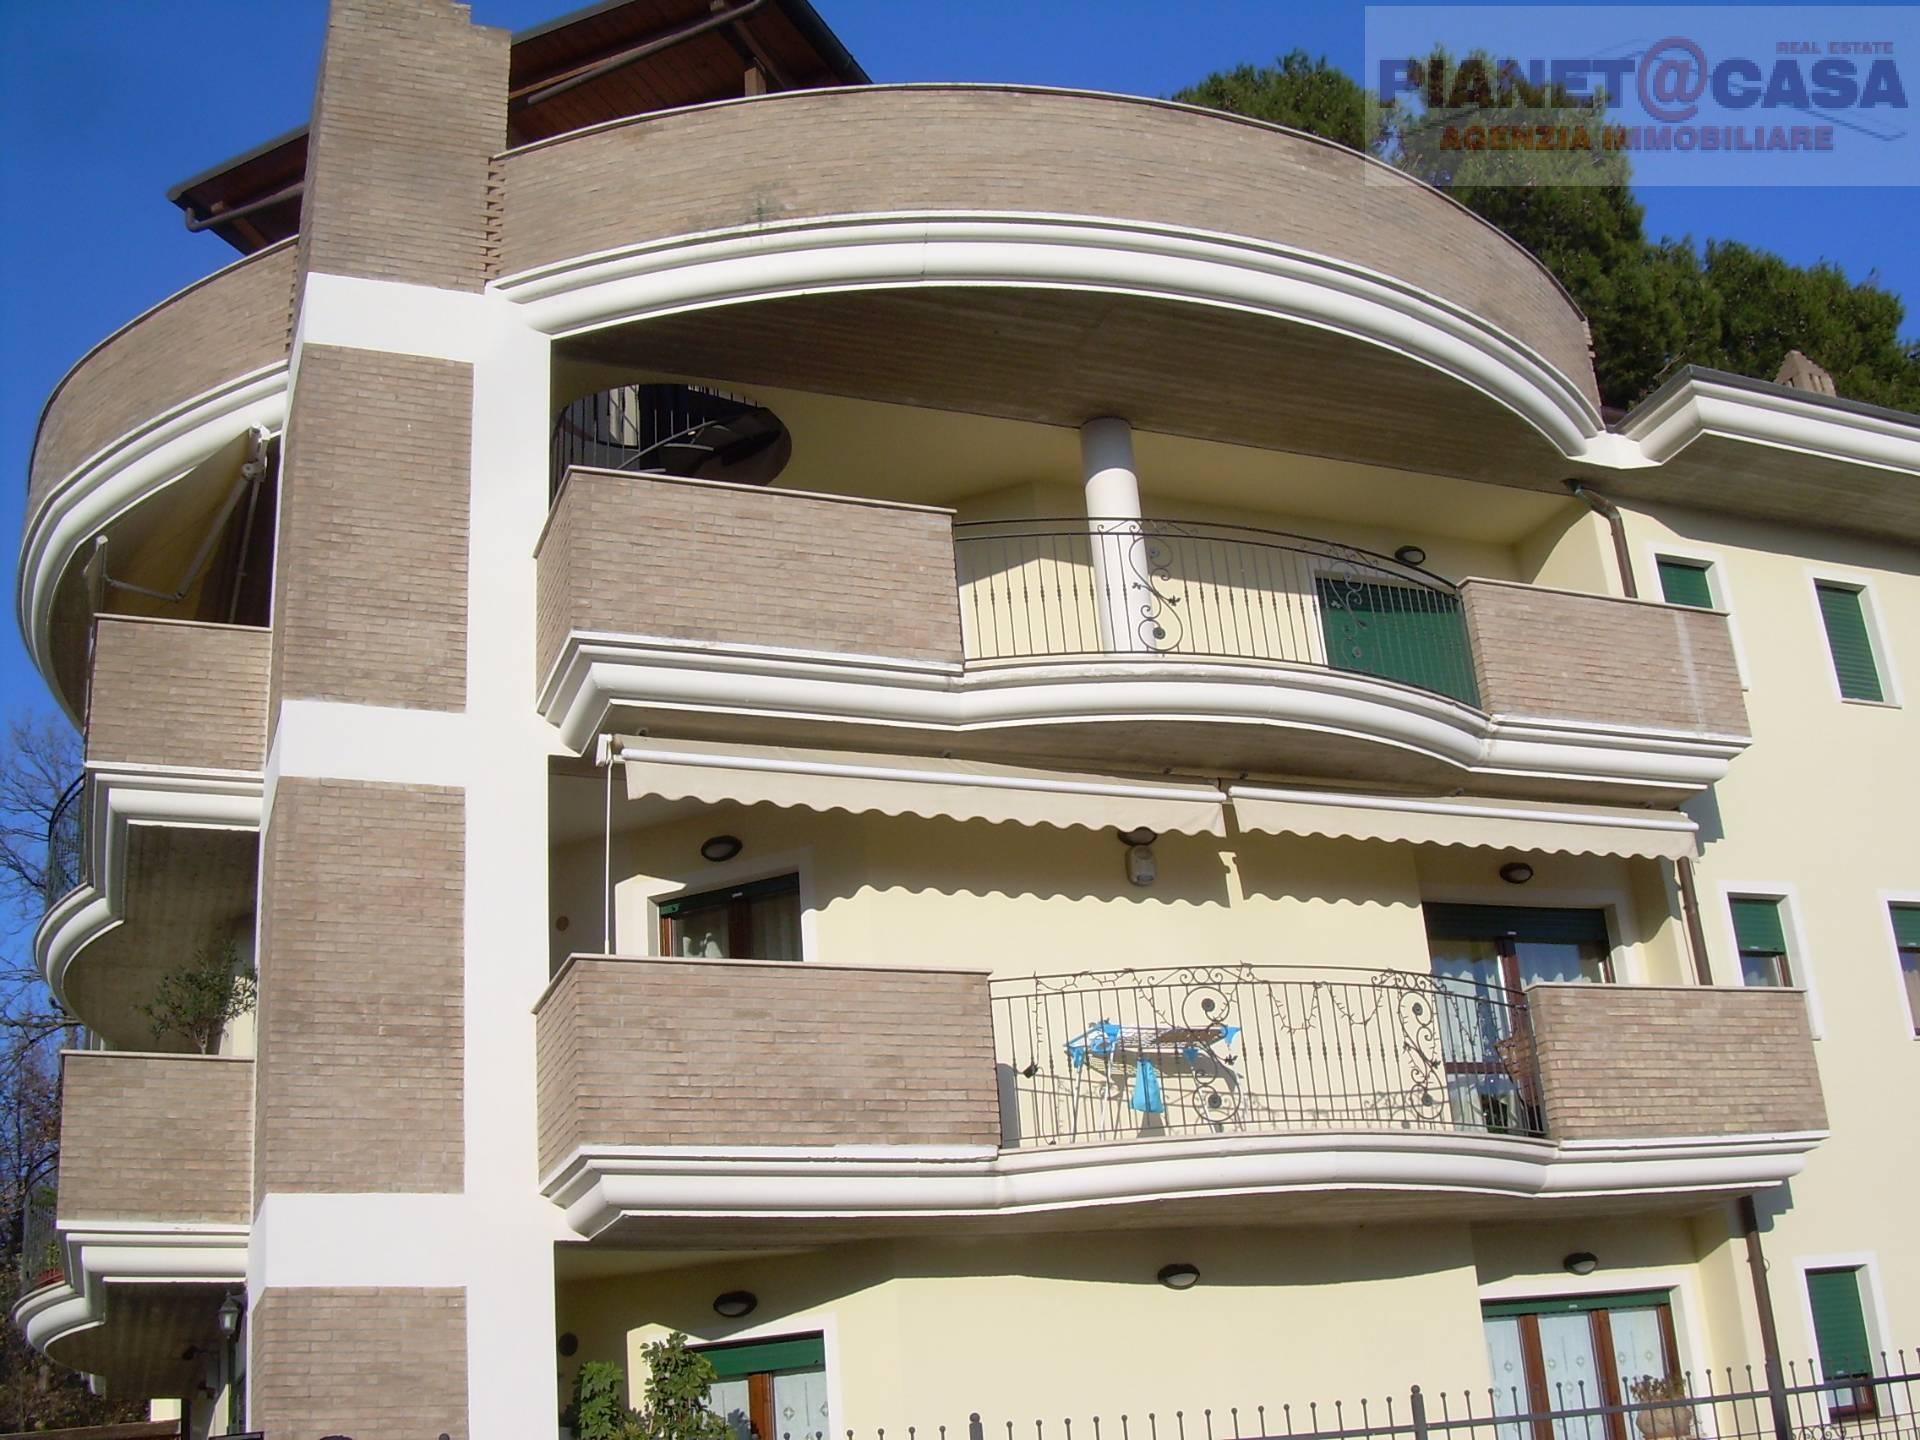 Appartamento in affitto a Castel di Lama, 5 locali, zona Zona: Piattoni, prezzo € 550 | CambioCasa.it